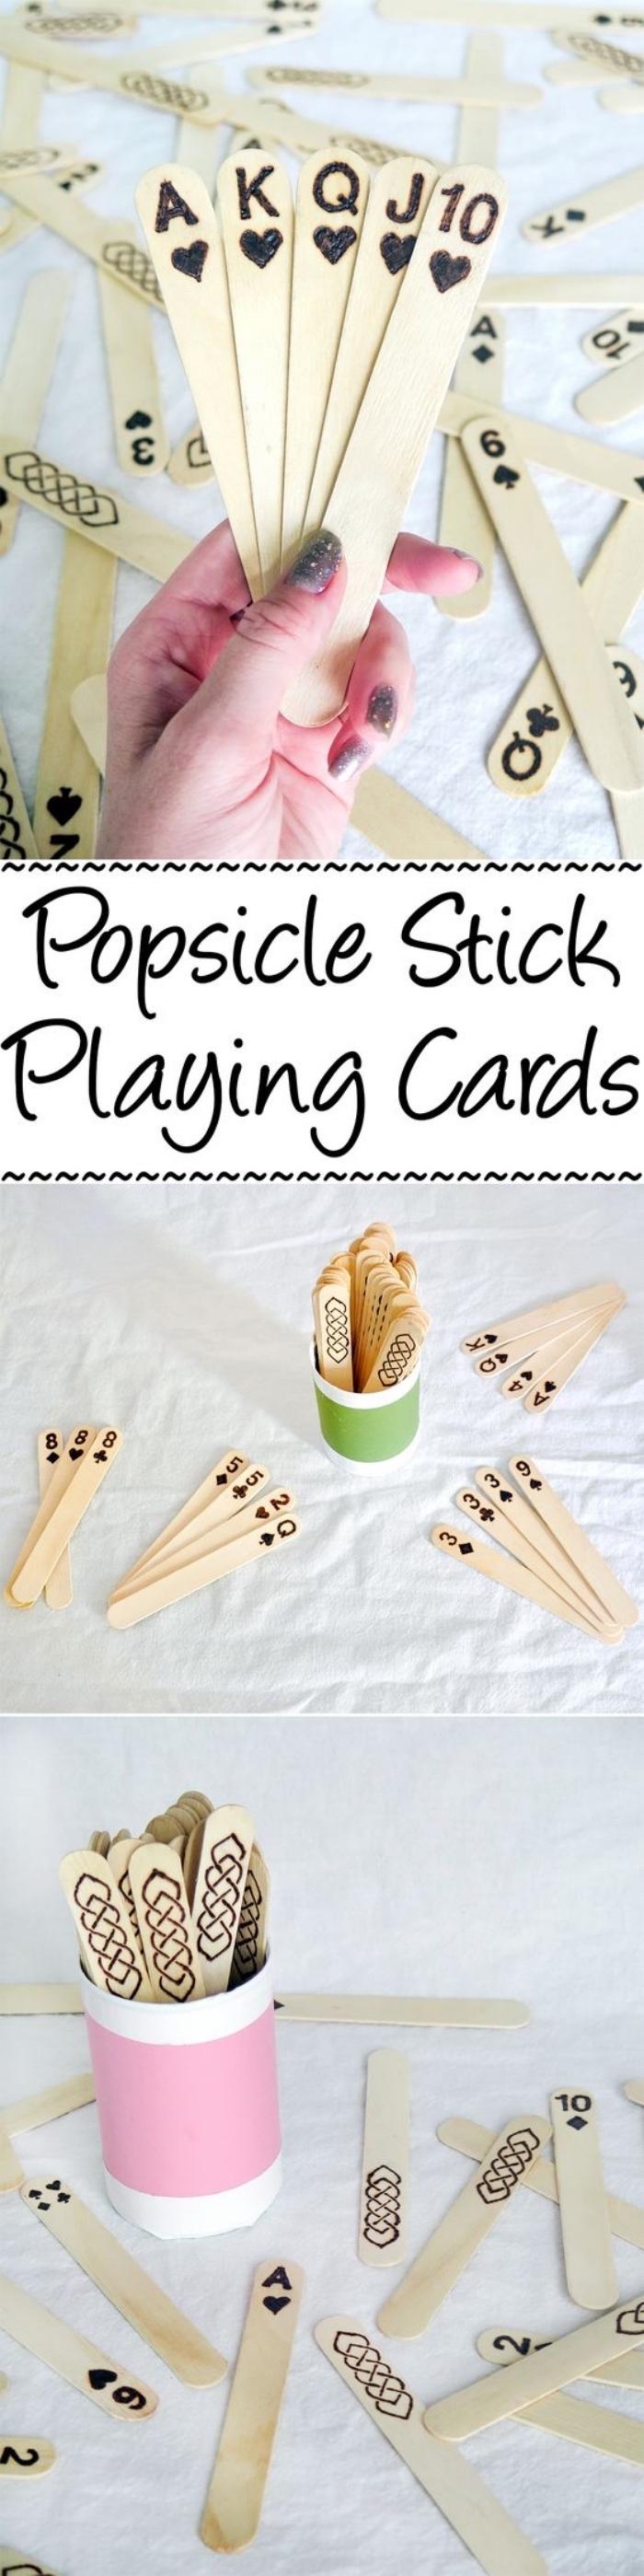 jeu de cartes avec des batonents de glace décorés, idée que faire quand on s'ennuie, activité créative